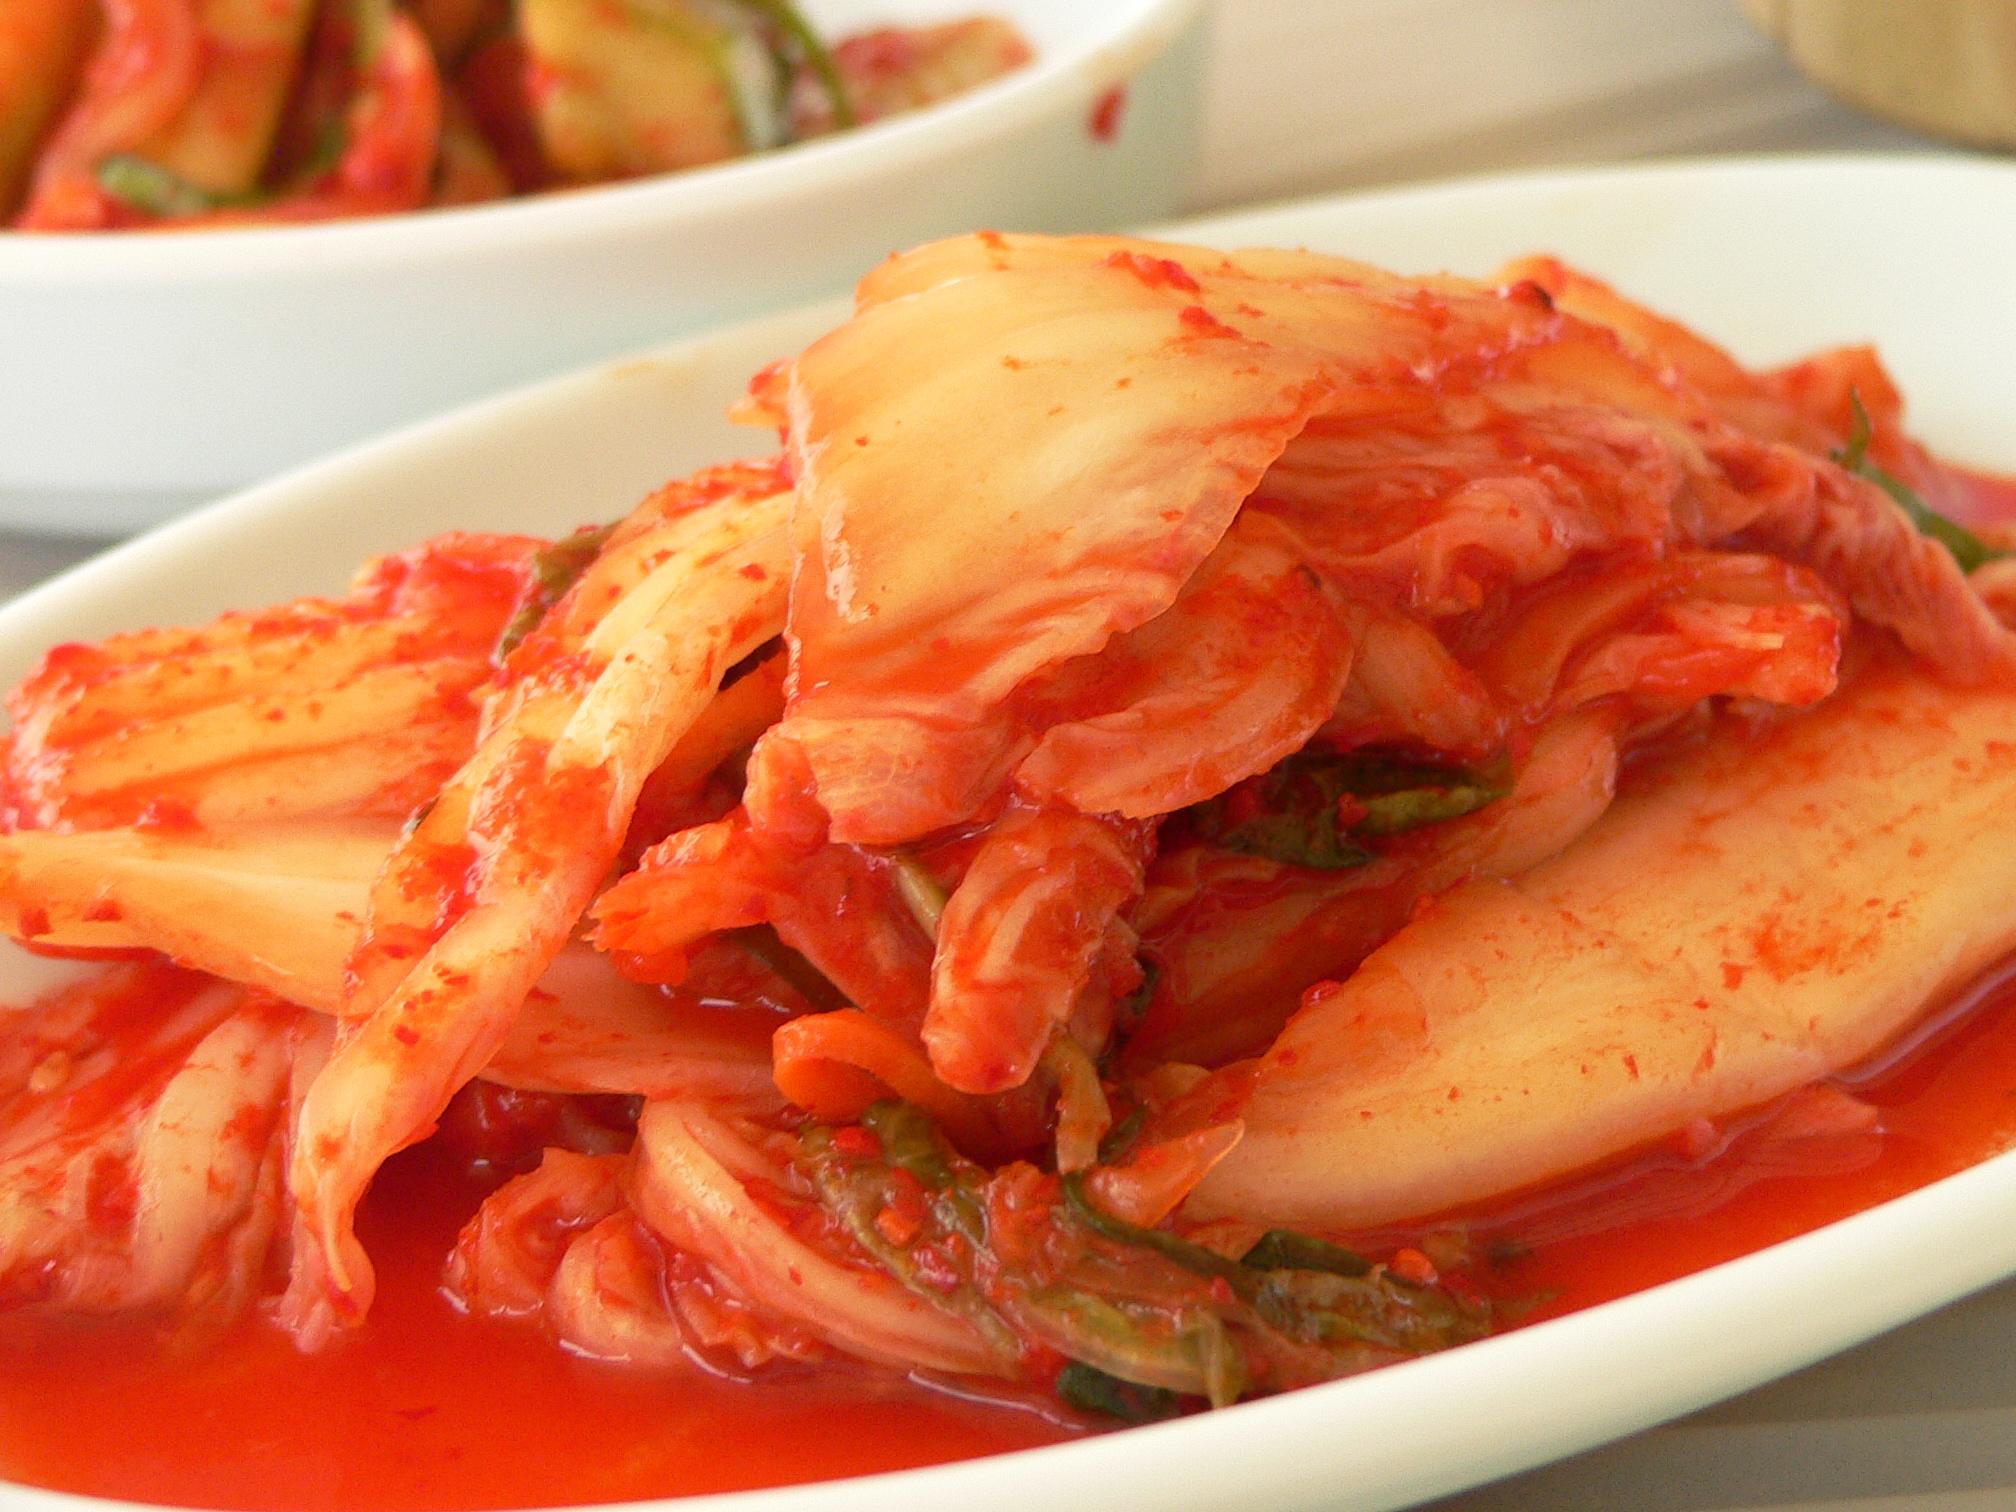 Yummy Spicy Food Recipes Bbdbed Fbad O